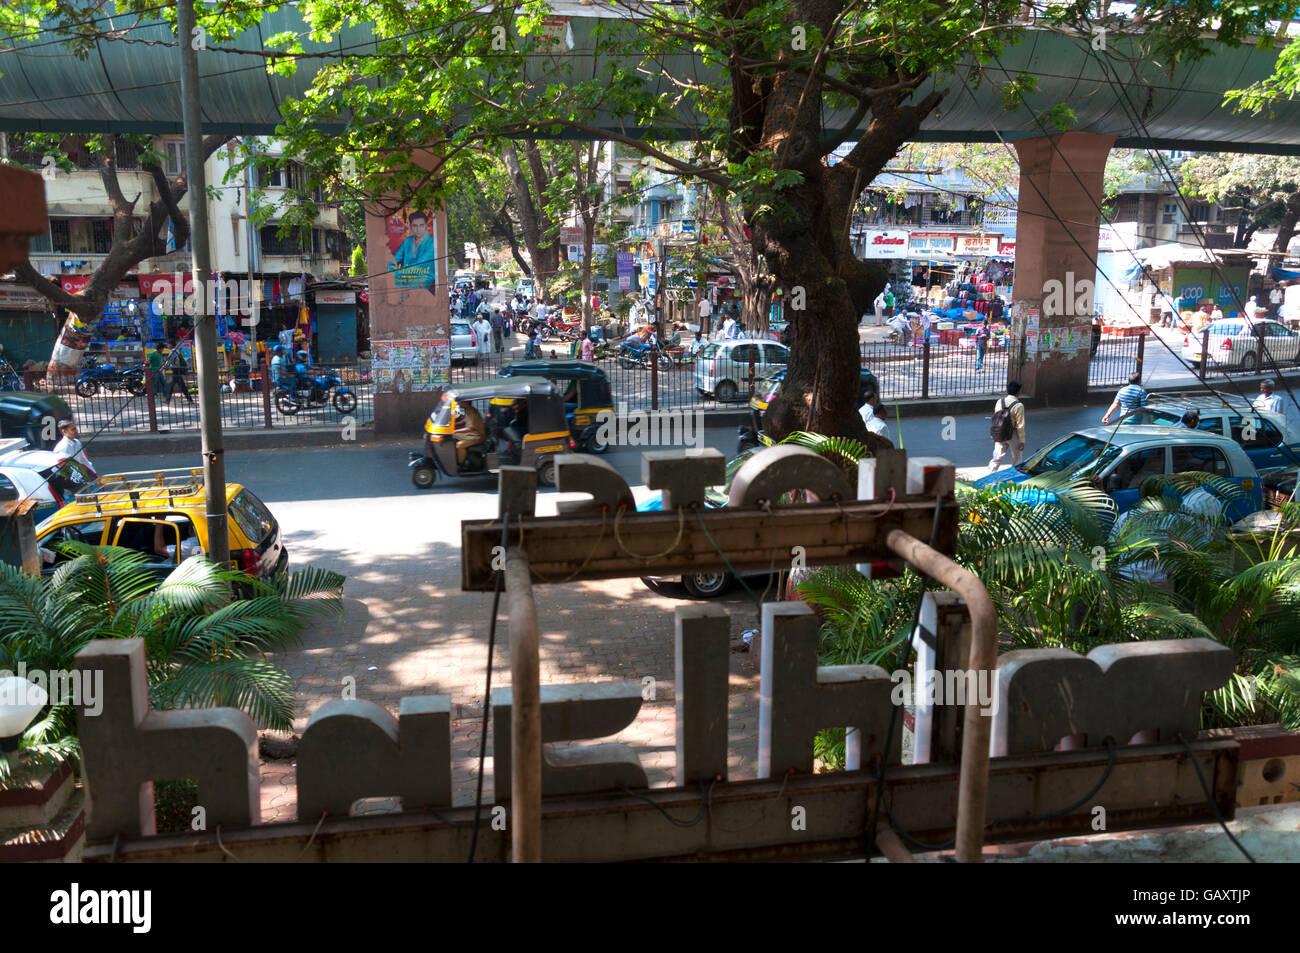 Jawaharlal Nehru Road, Santacruz,  Mumbai, Maharashtra, India. View from Hotel Midland balcony - Stock Image